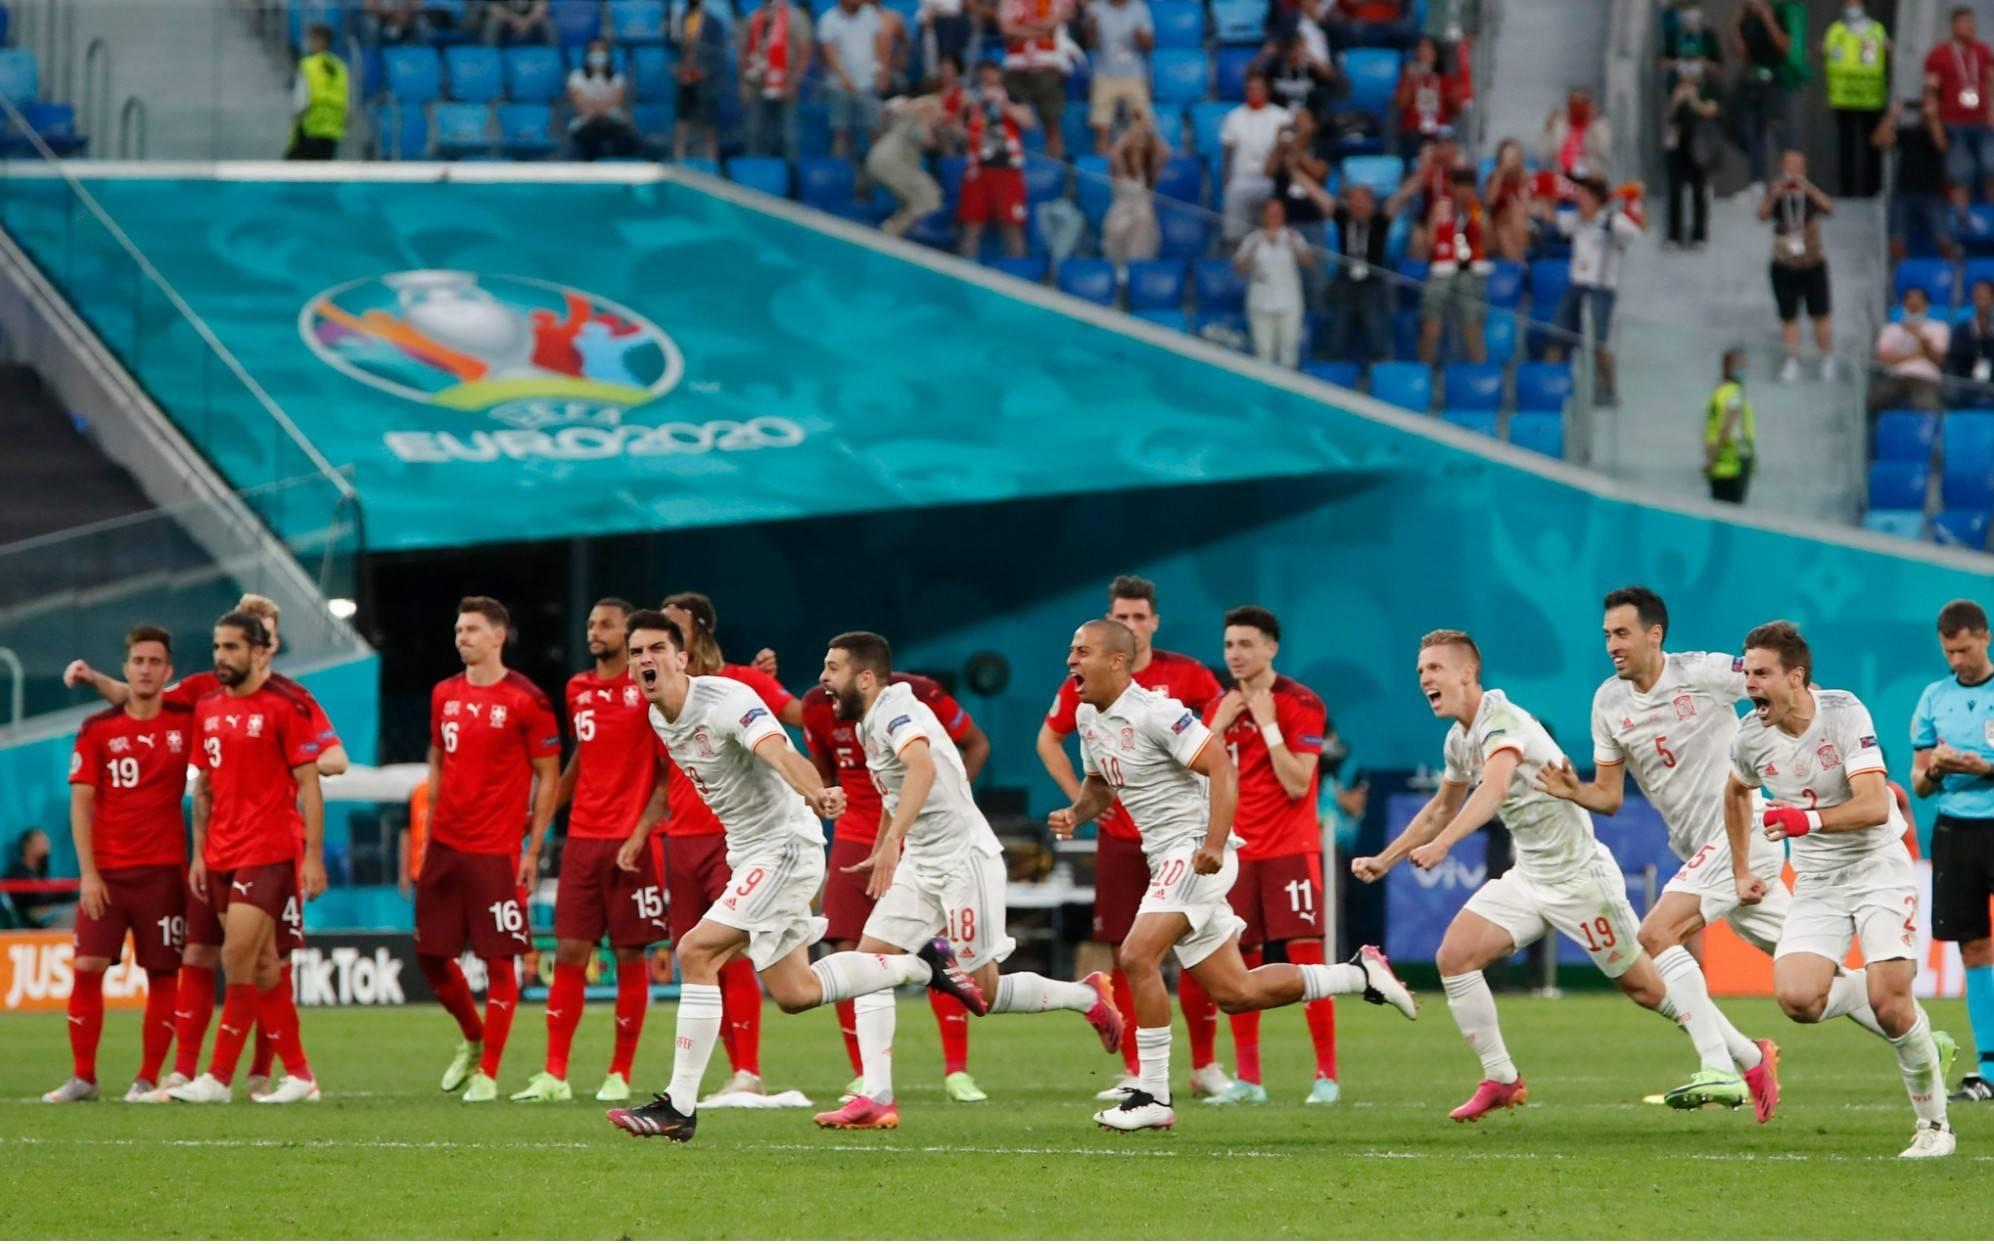 欧洲杯战报瑞士3人失点,西班牙点球大战4-2淘汰瑞士晋级四强!